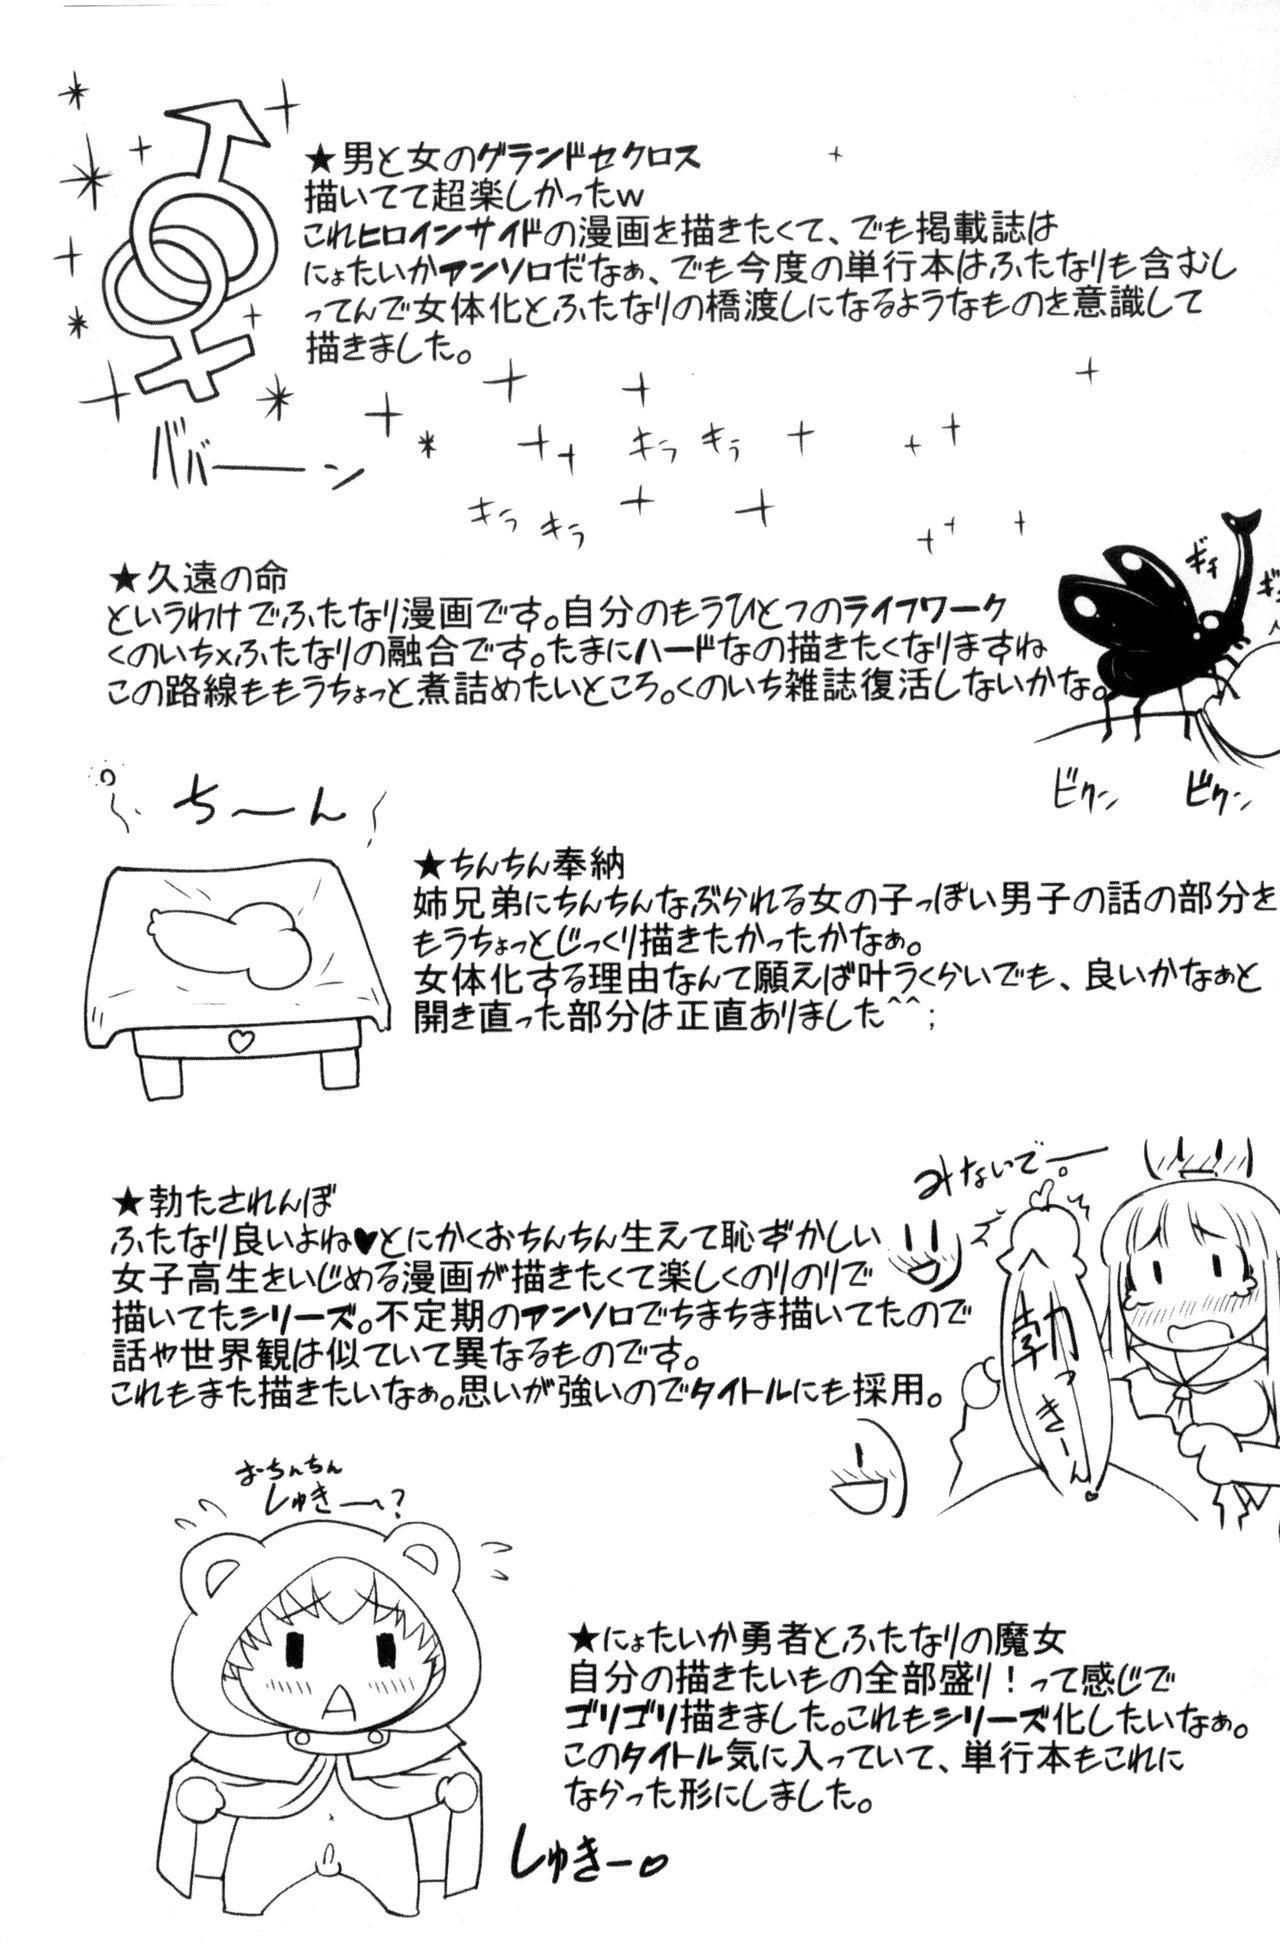 Nyotaika Ouji to Okotasare Hime 199